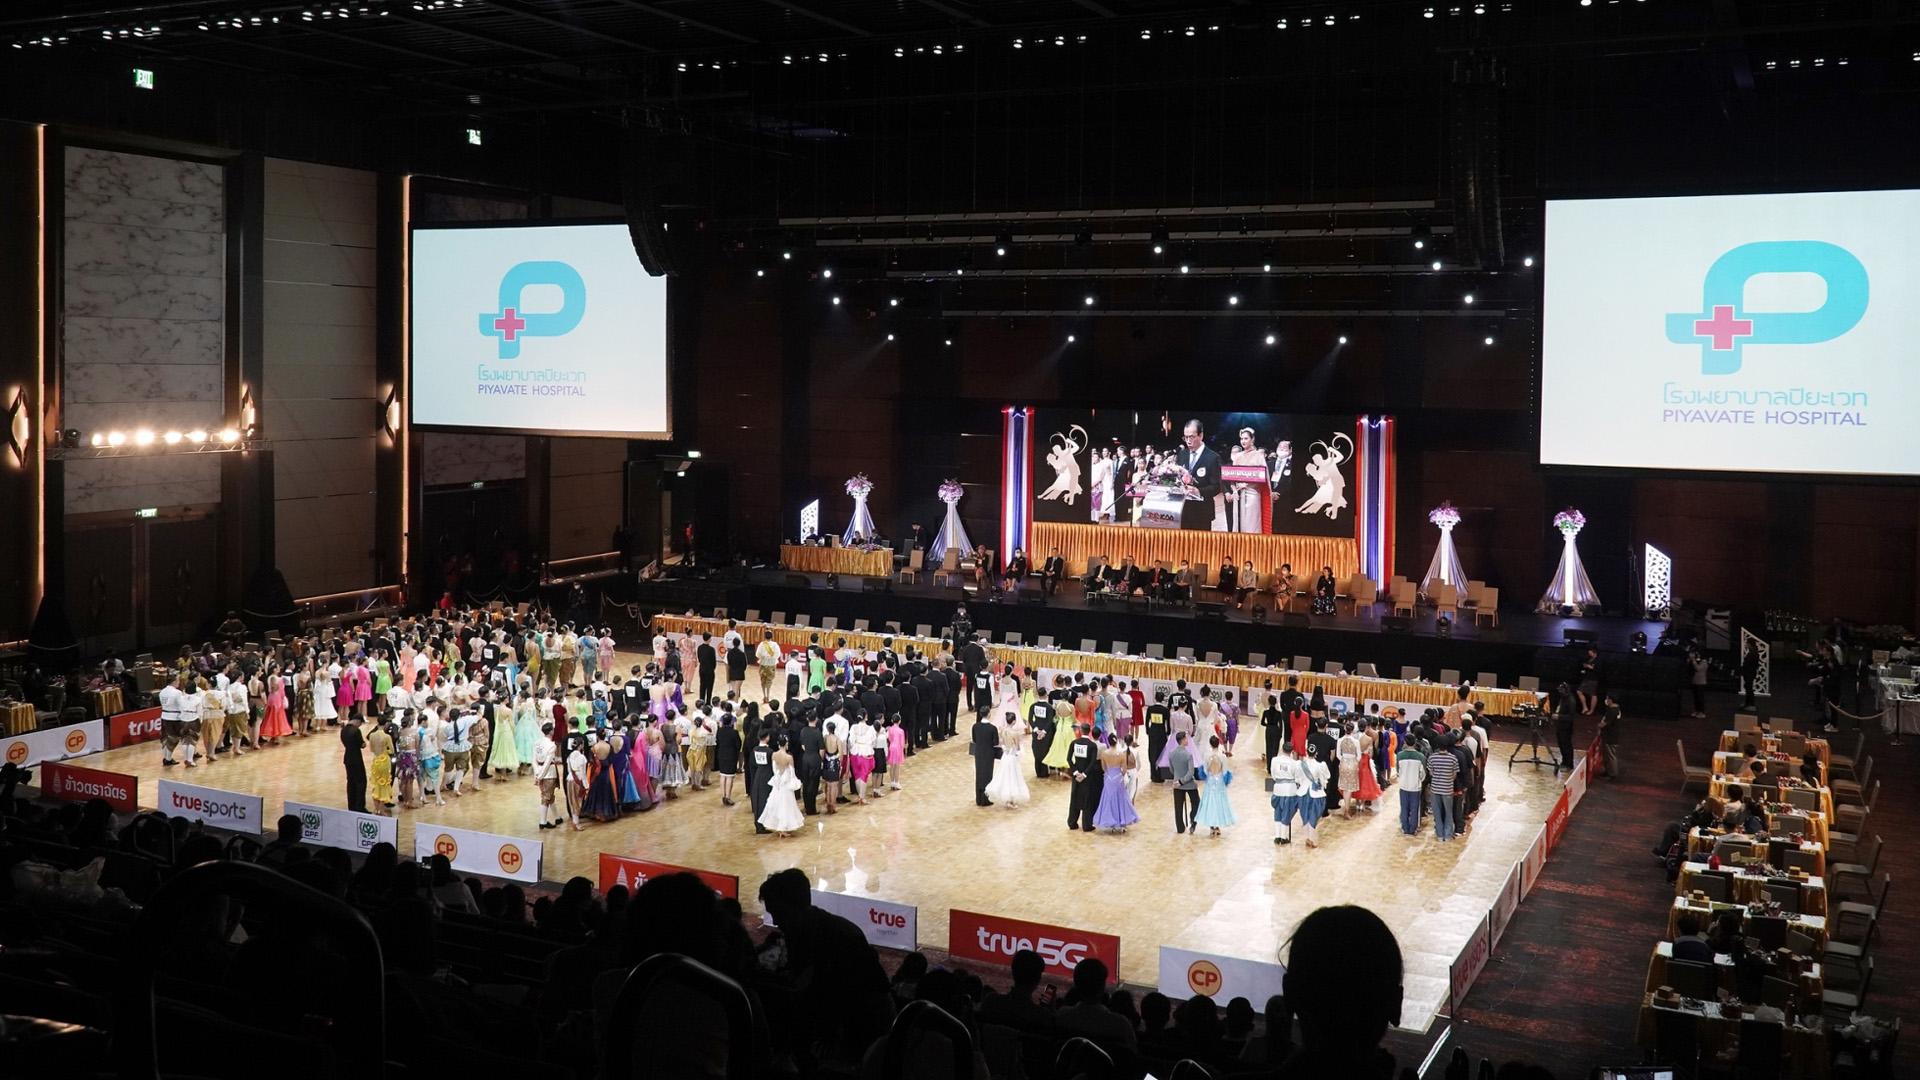 การแข่งขันกีฬาลีลาศ และการแข่งขันกีฬาเบรกกิ้งชิงชนะเลิศแห่งประเทศไทย ประจำปี 2563(TDSA National Championships 2020)